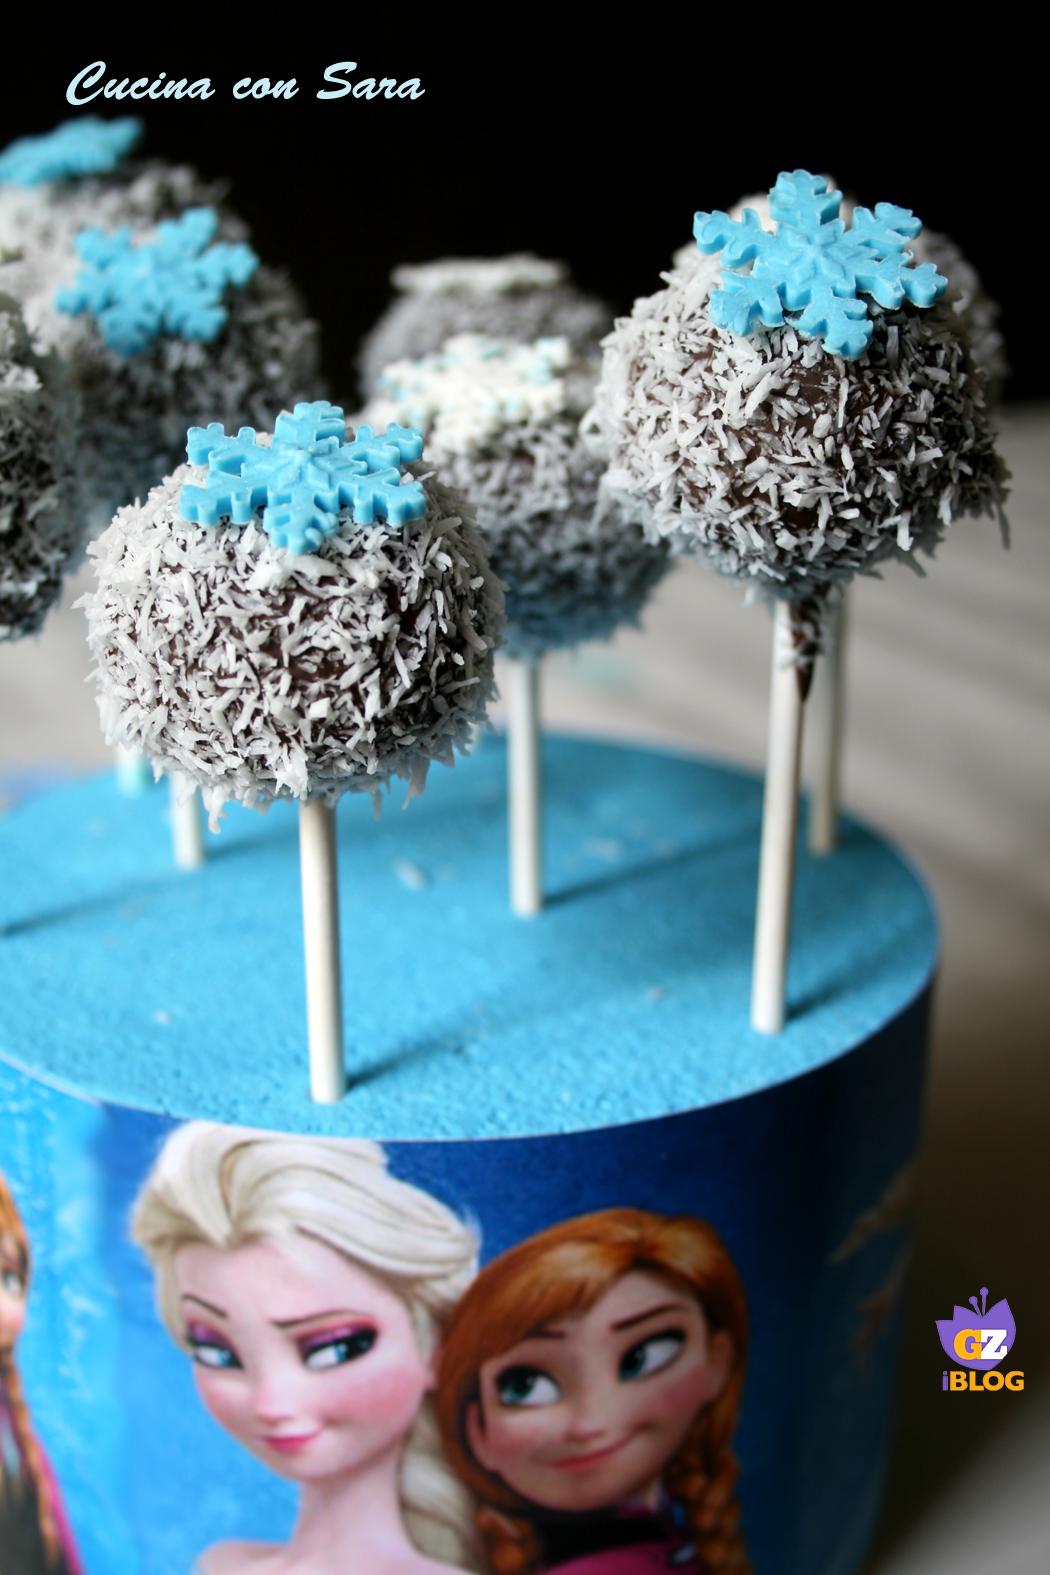 Cake pops frozen cucina con sara - Cucina con sara ...